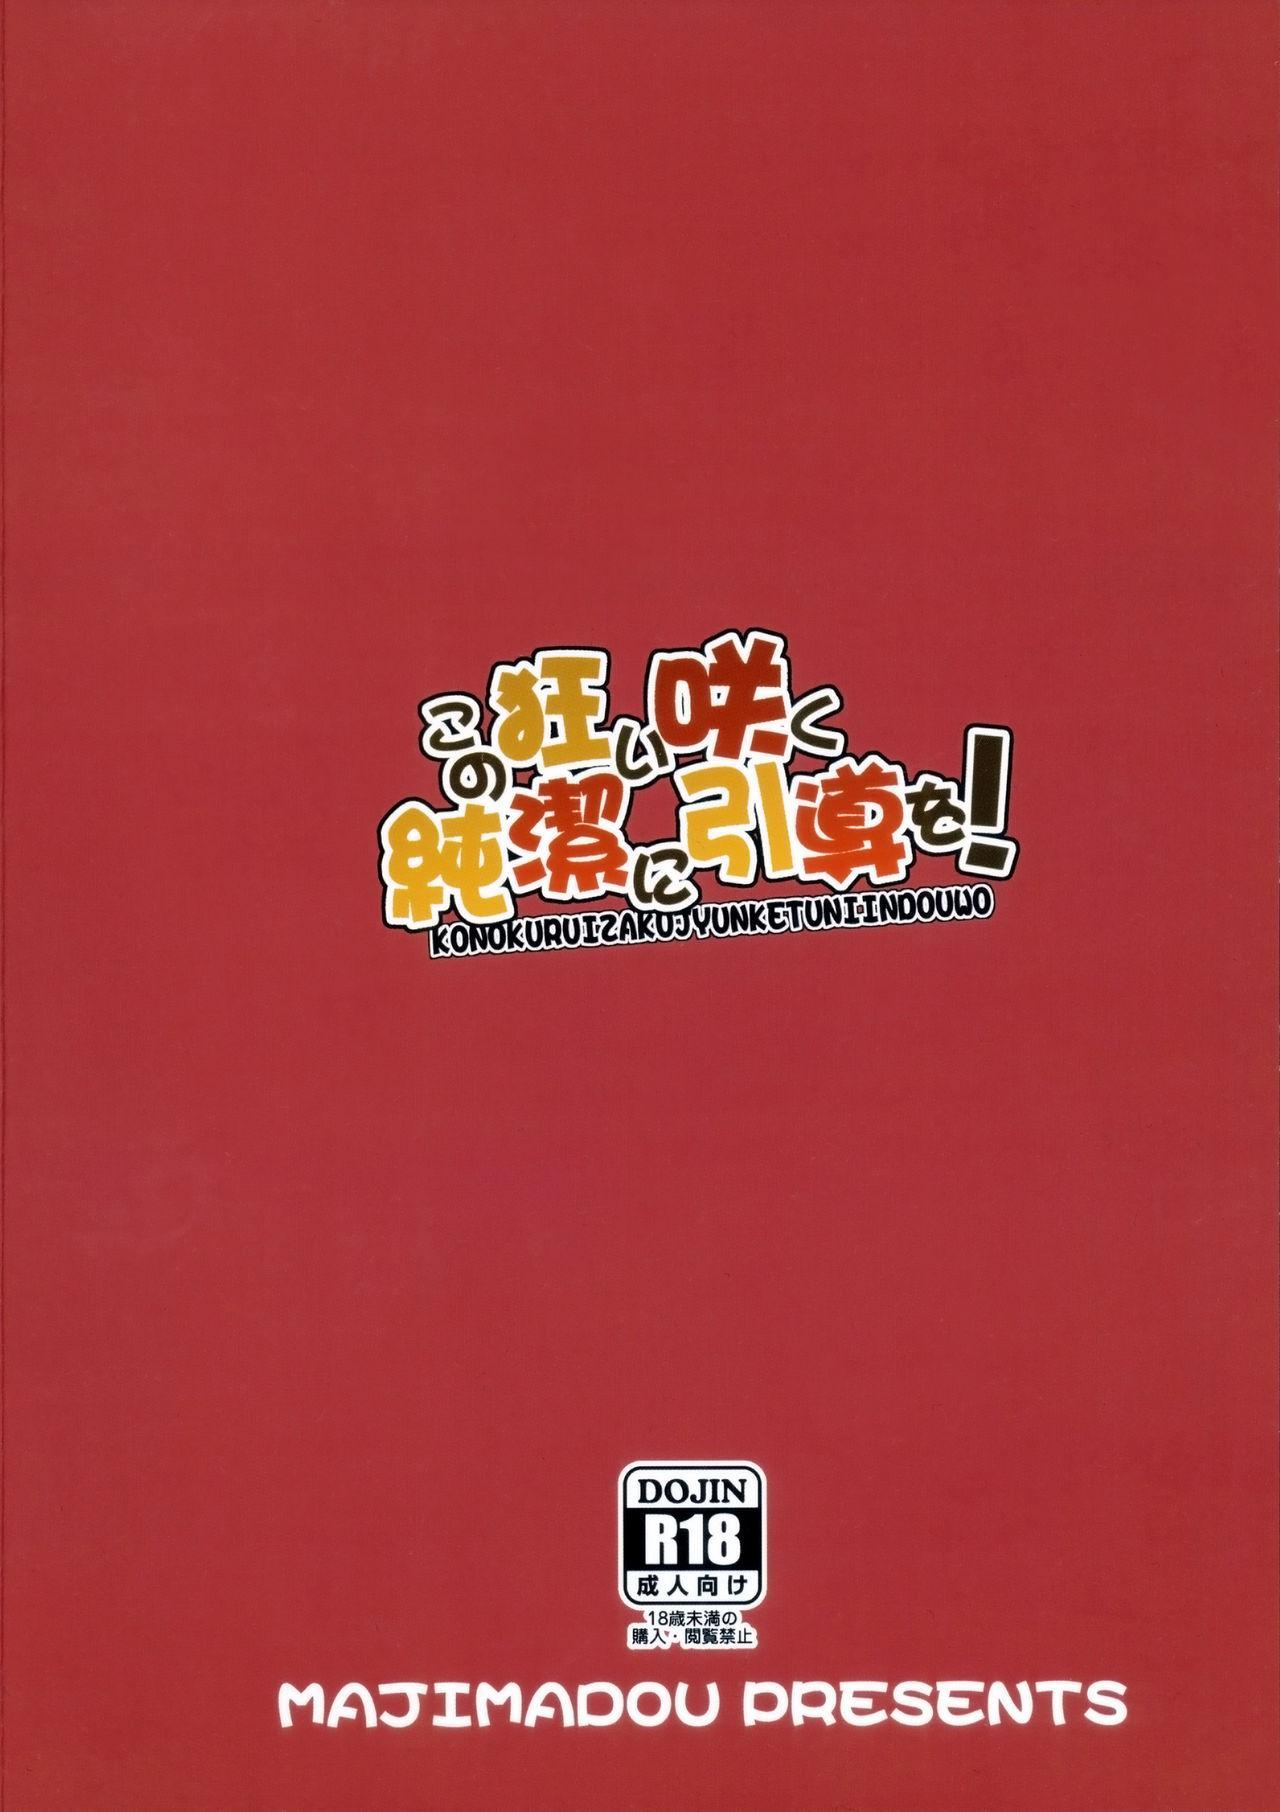 Kono Kuruizaku Junketsu Ni Indou Wo! 25